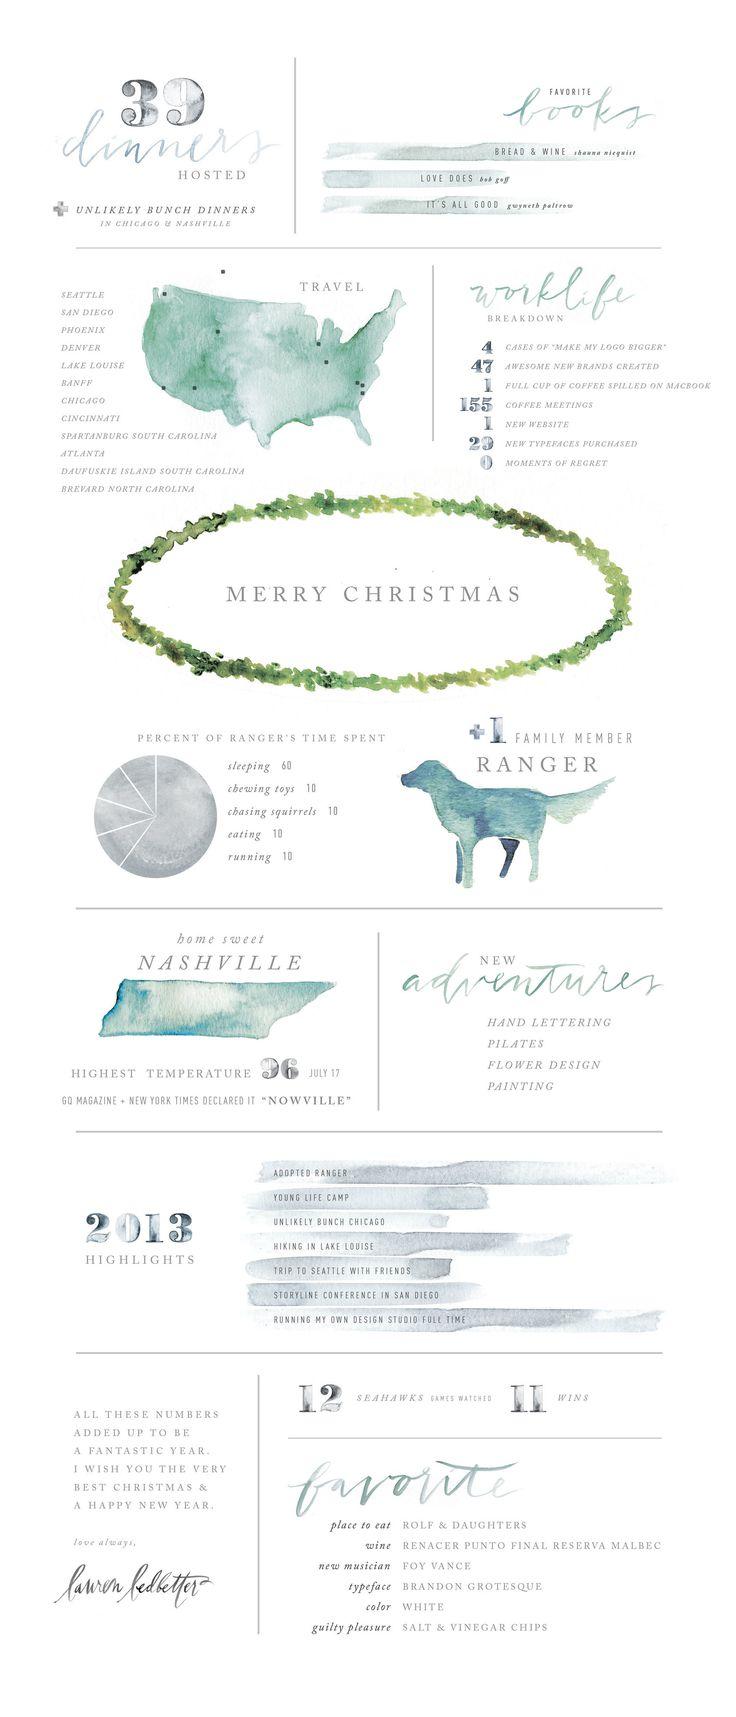 laurenledbetter-2013-infographic.jpg